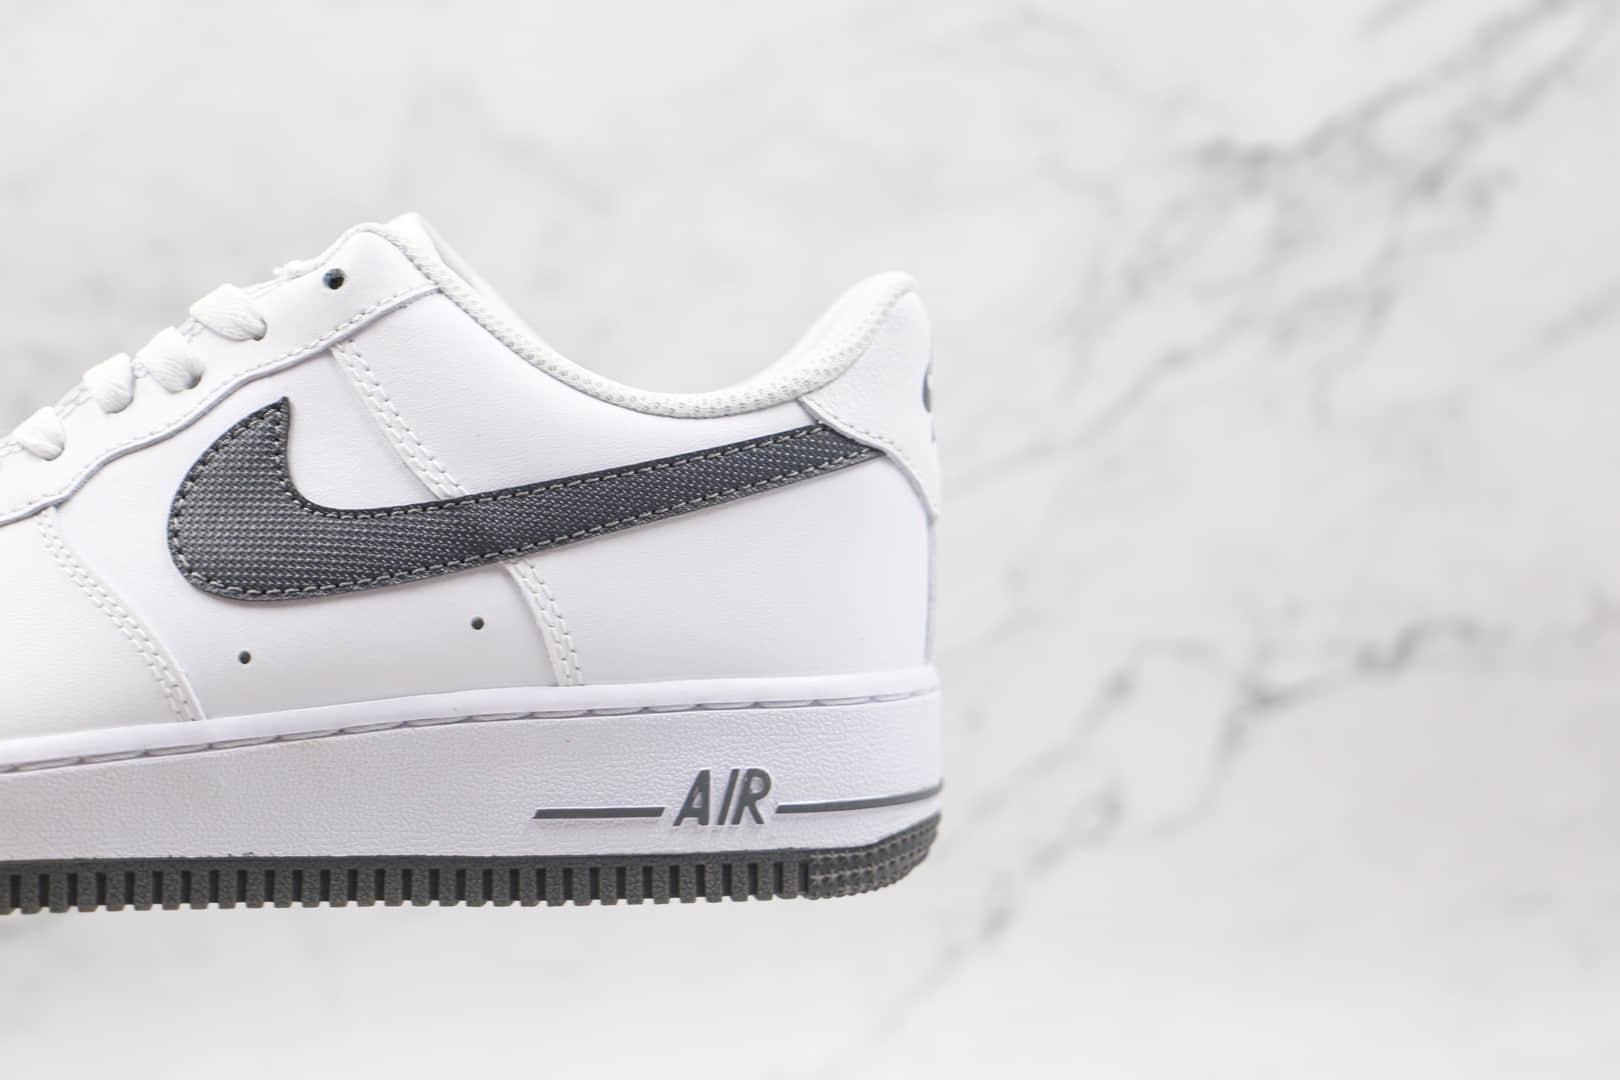 耐克Nike AIR FMRCE 1纯原版本低帮空军一号白深灰色板鞋原档案数据开发 货号:DJ4617-100